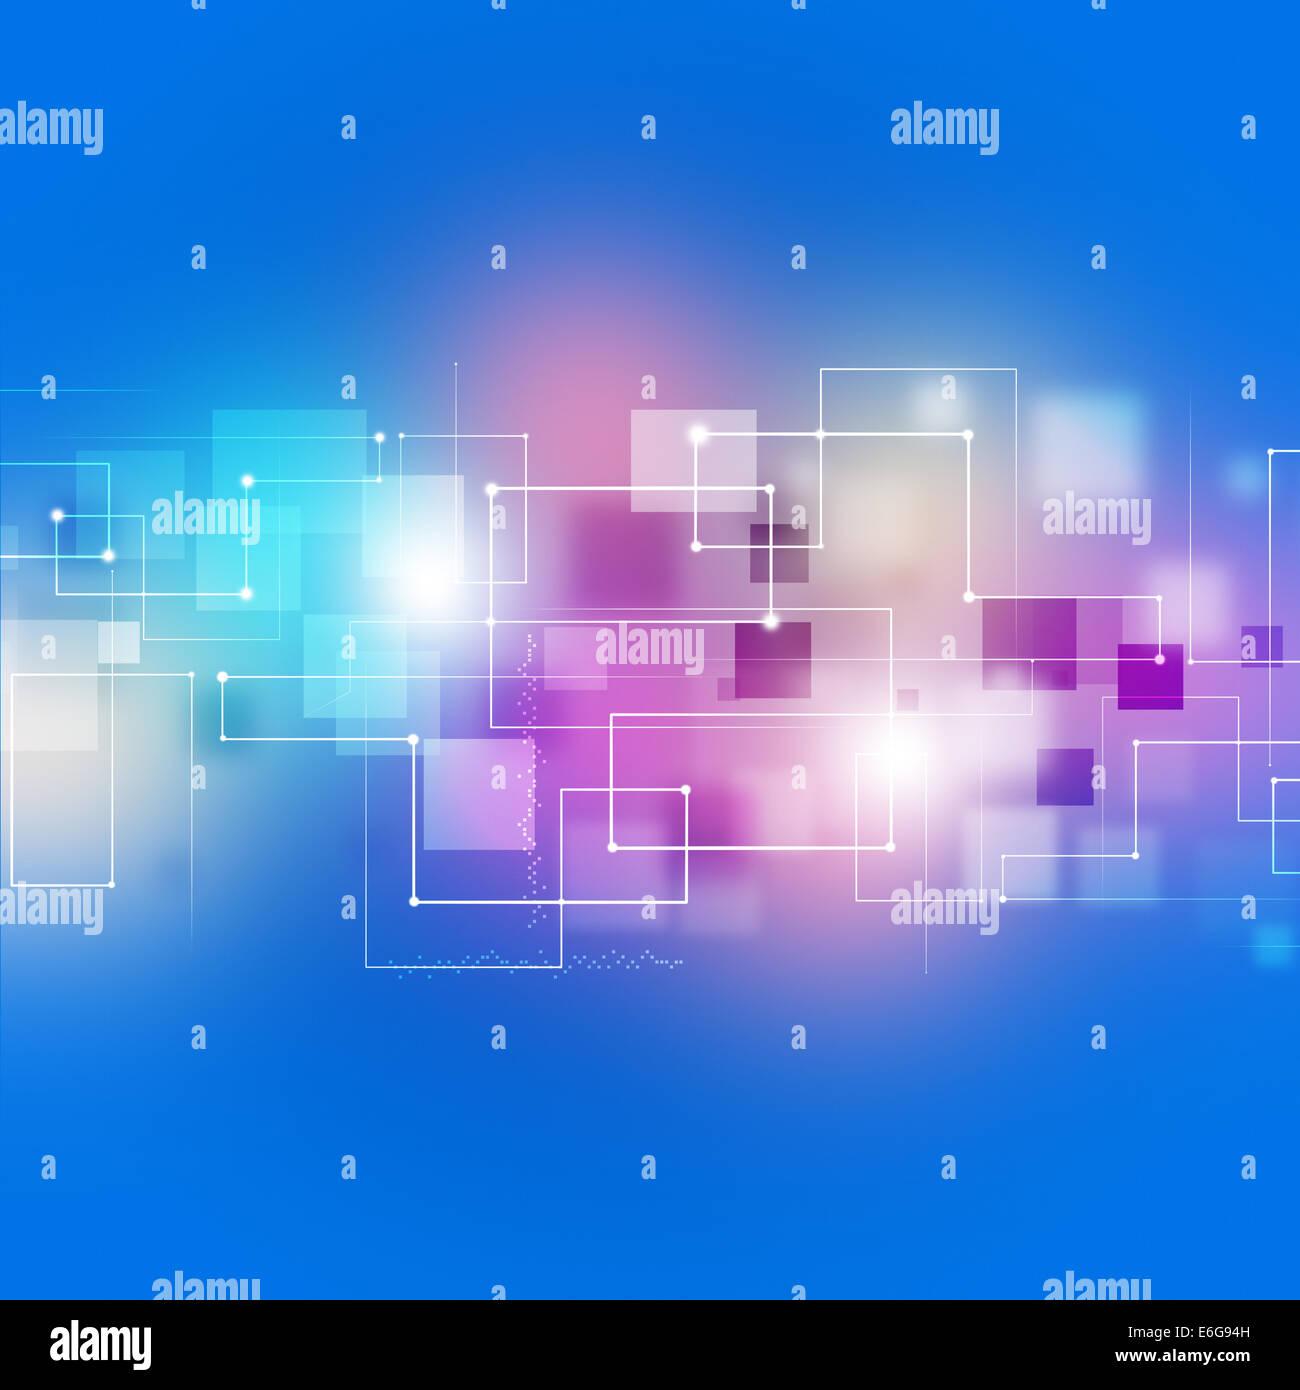 Résumé La technologie et business communications fond multicolore Photo Stock